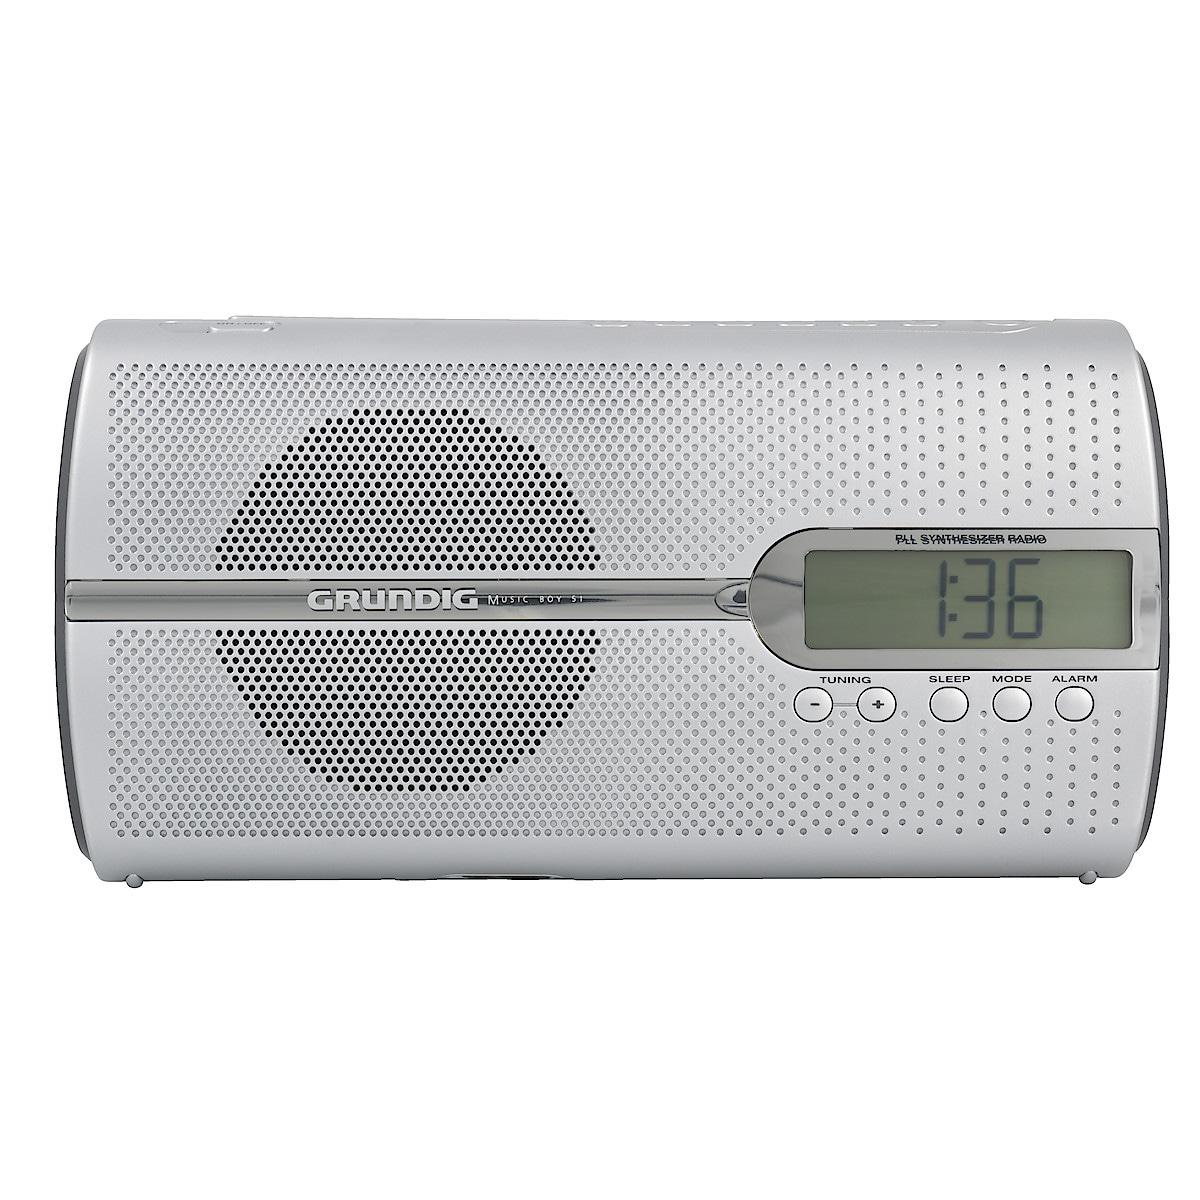 FM-radio Grundig Music 51